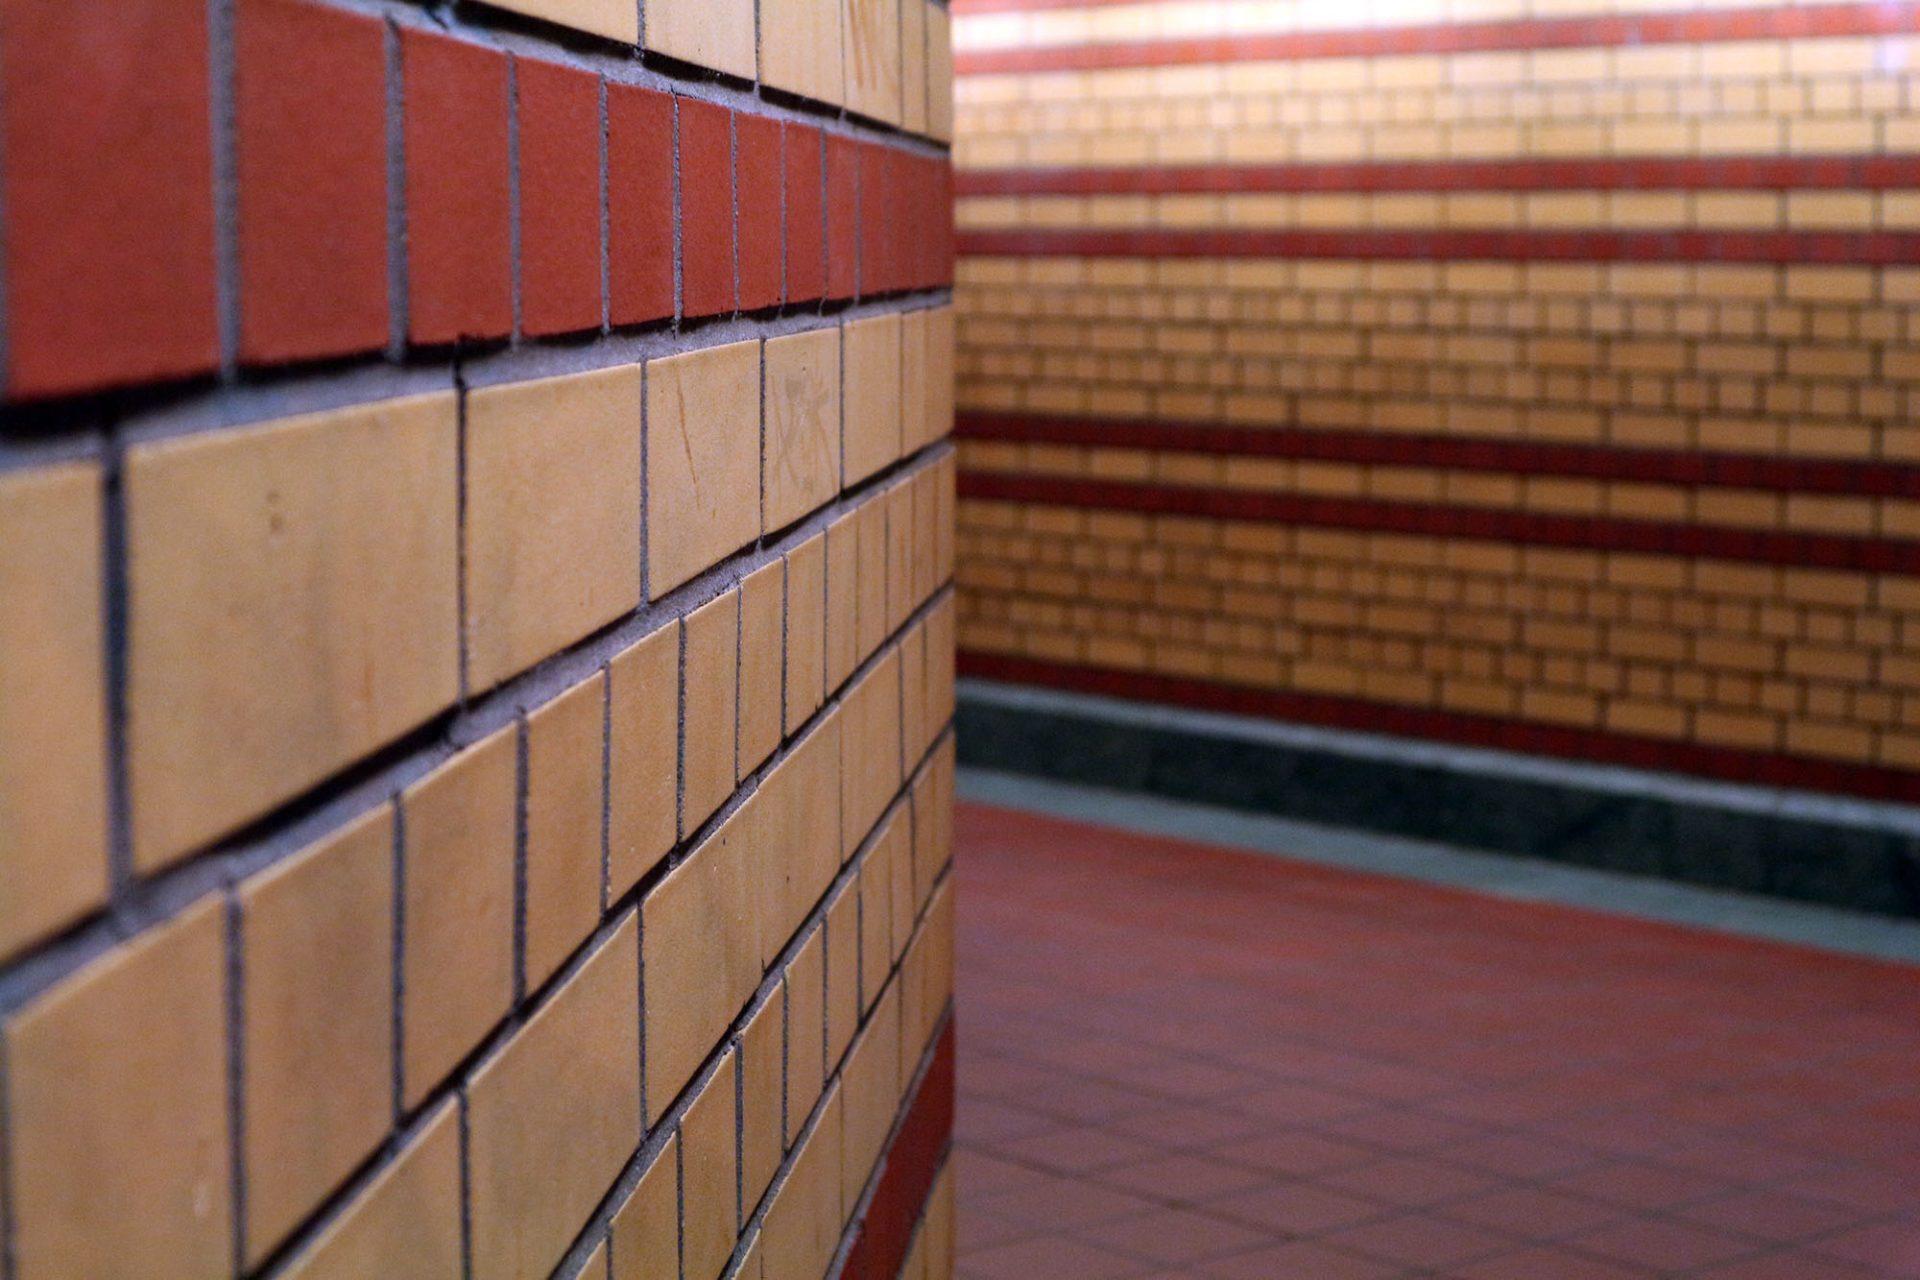 Karl-Bonhoeffer-Nervenklinik.  Die Wände aus verschiedenfarbigen Klinker-Verbänden verweisen auf die Architektur der Klinikgebäude über der Erde.